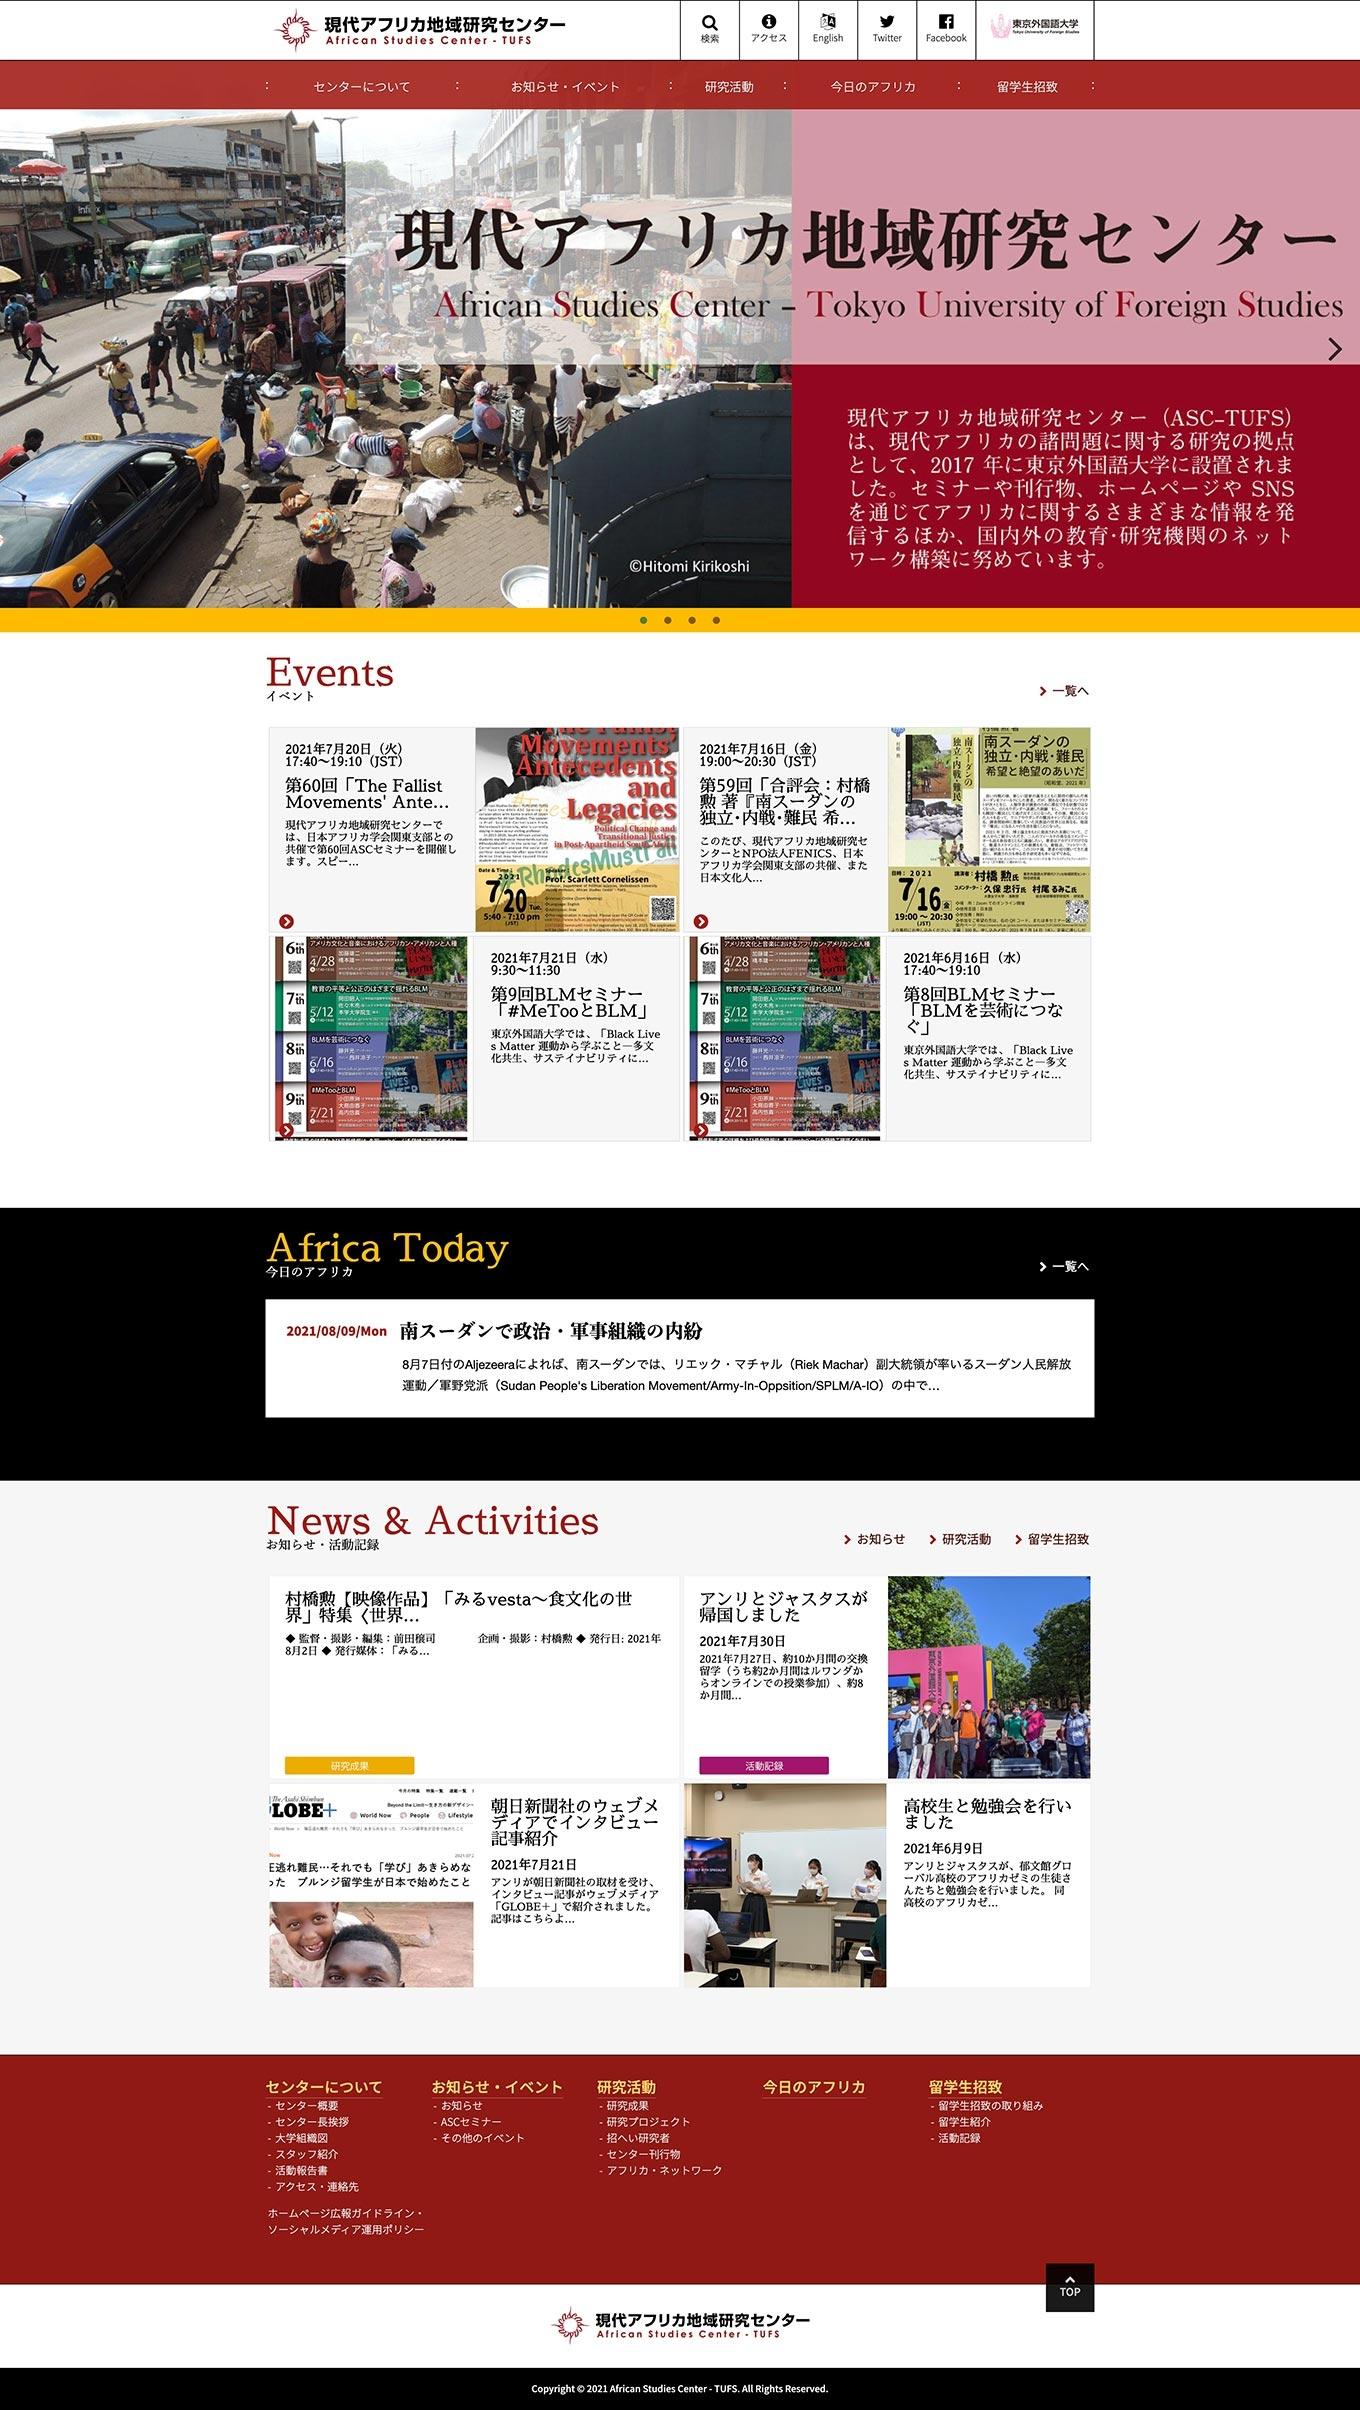 東京外国語大学「現代アフリカ地域研究センター」様ウェブサイトをリニューアルしましたスマートフォンの見た目